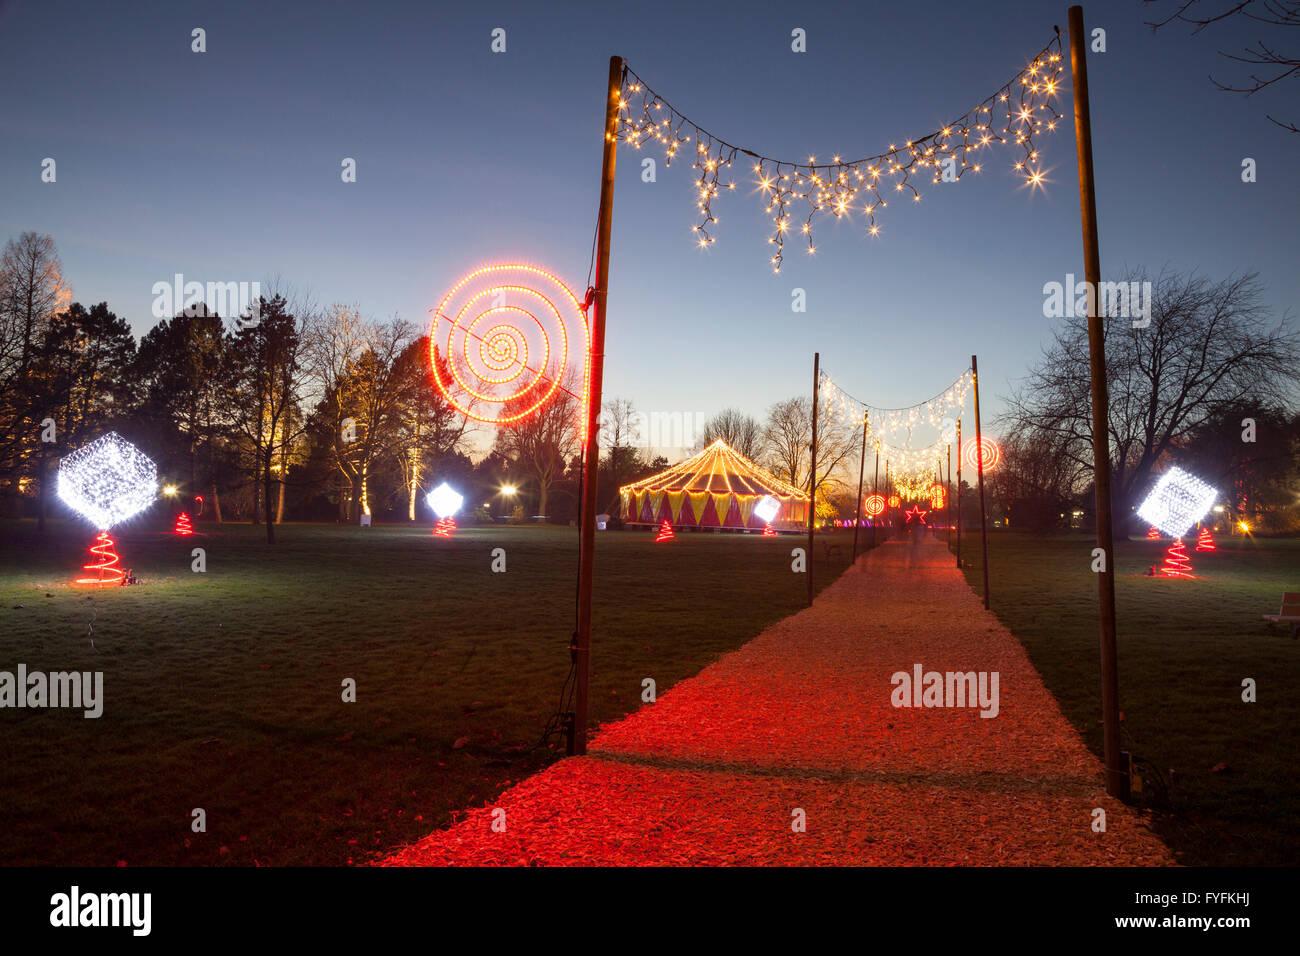 Winterleuchten Beleuchtung Festival, Westfalenpark, Dortmund, Ruhr district, North Rhine-Westphalia, Deutschland Stockbild